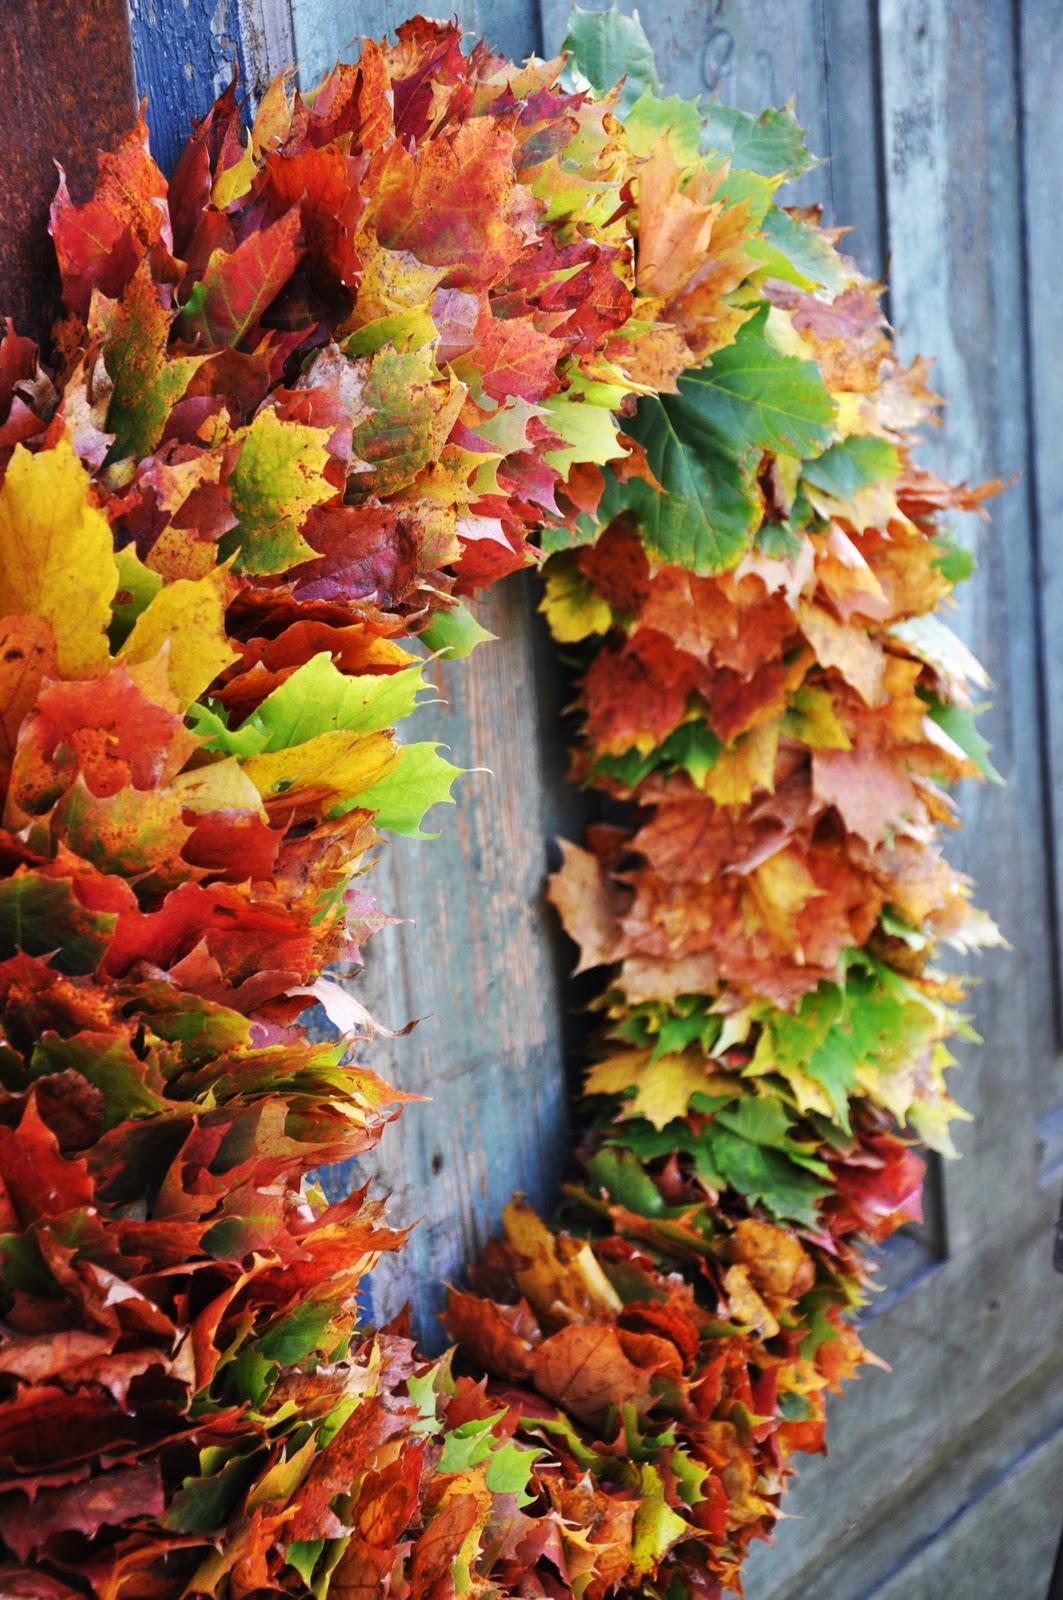 Lövkrans (Liljor & tulpaner) – Husligheter